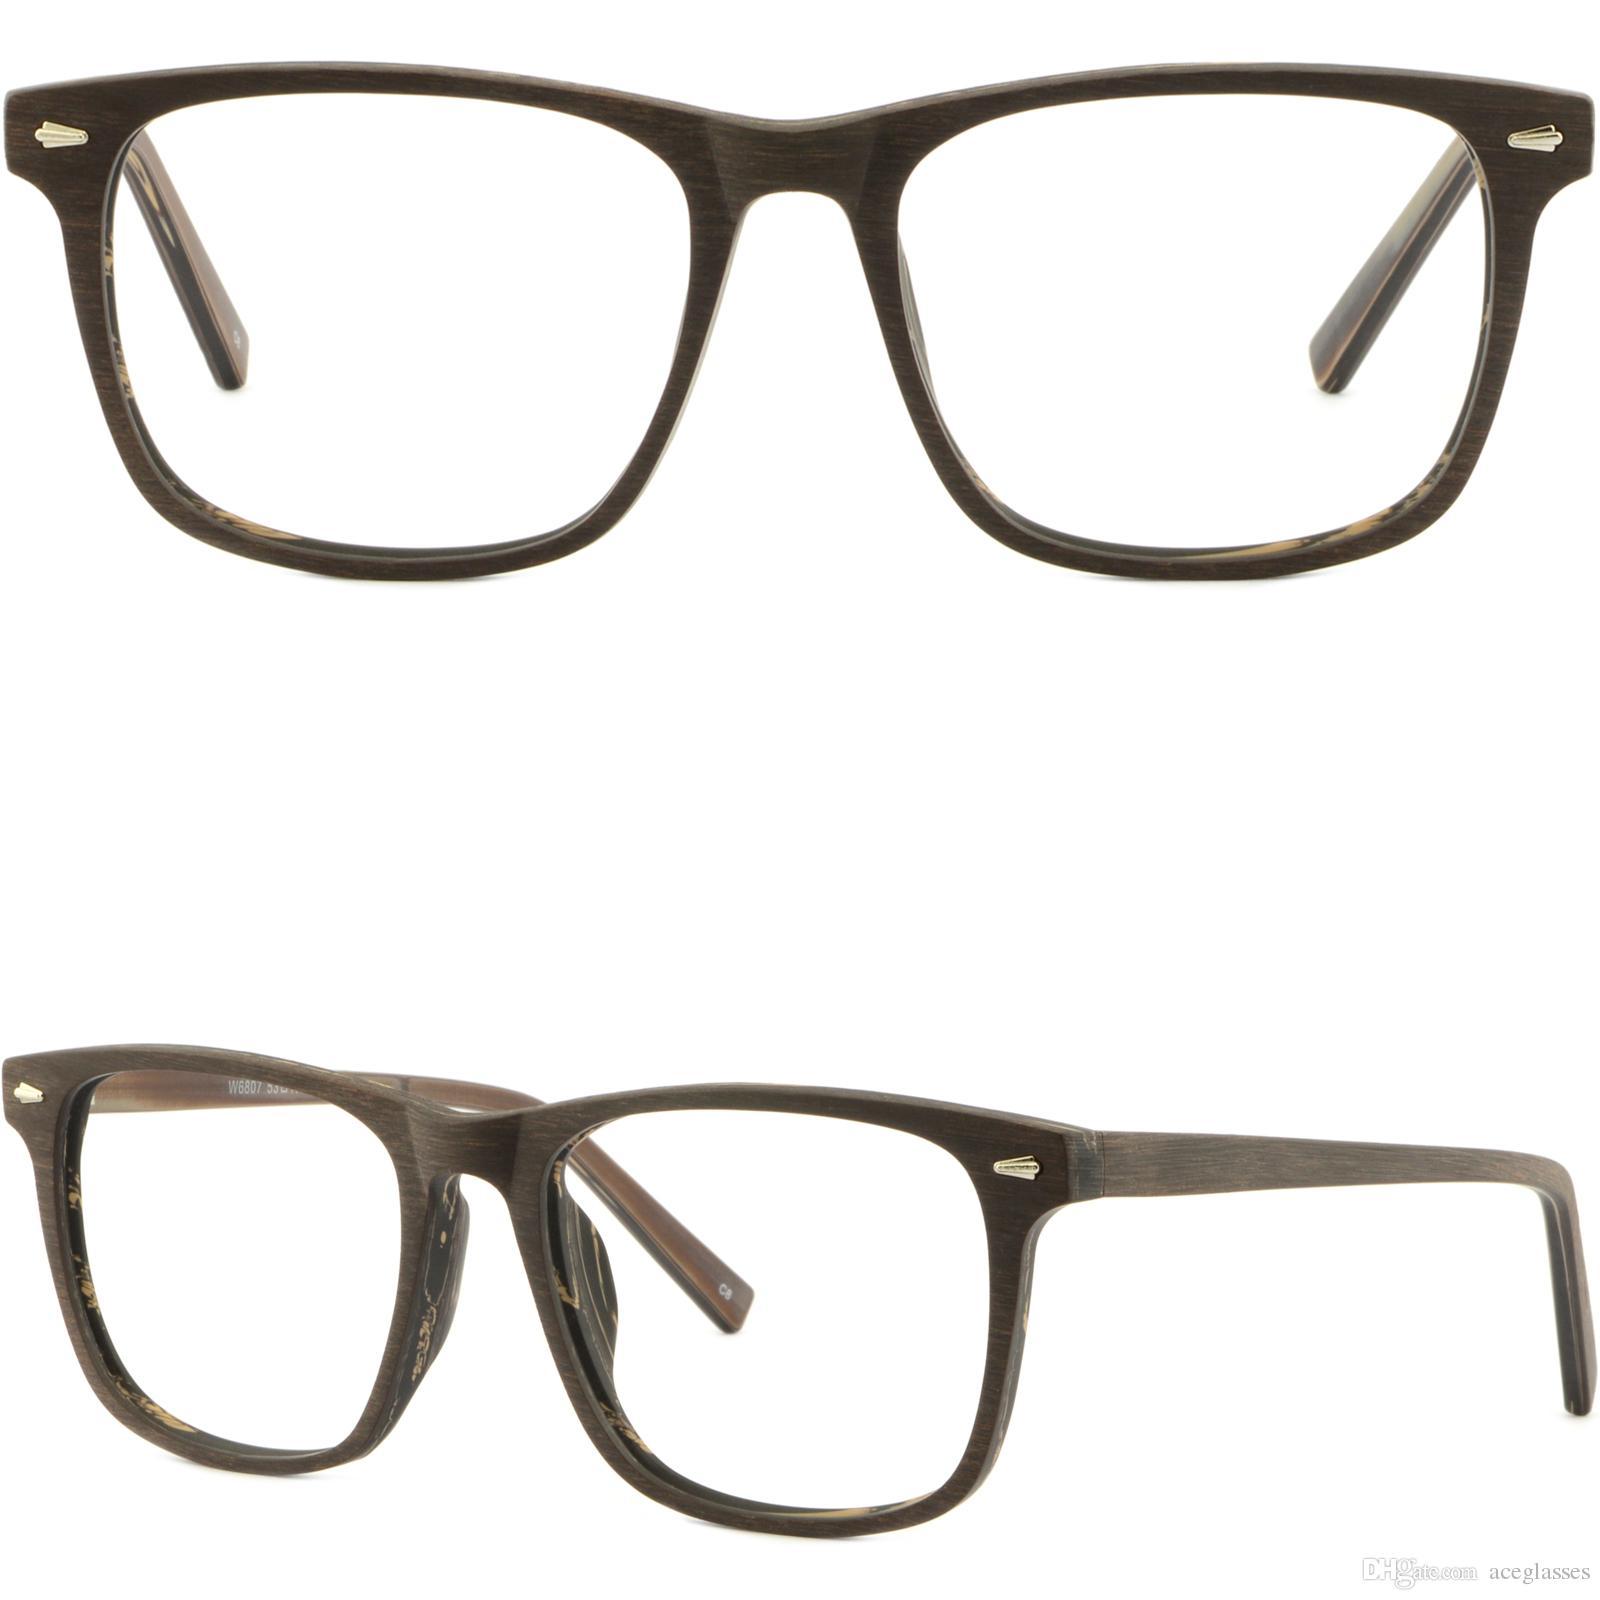 Ungewöhnlich Pearle Vision Brillenfassungen Ideen - Rahmen Ideen ...